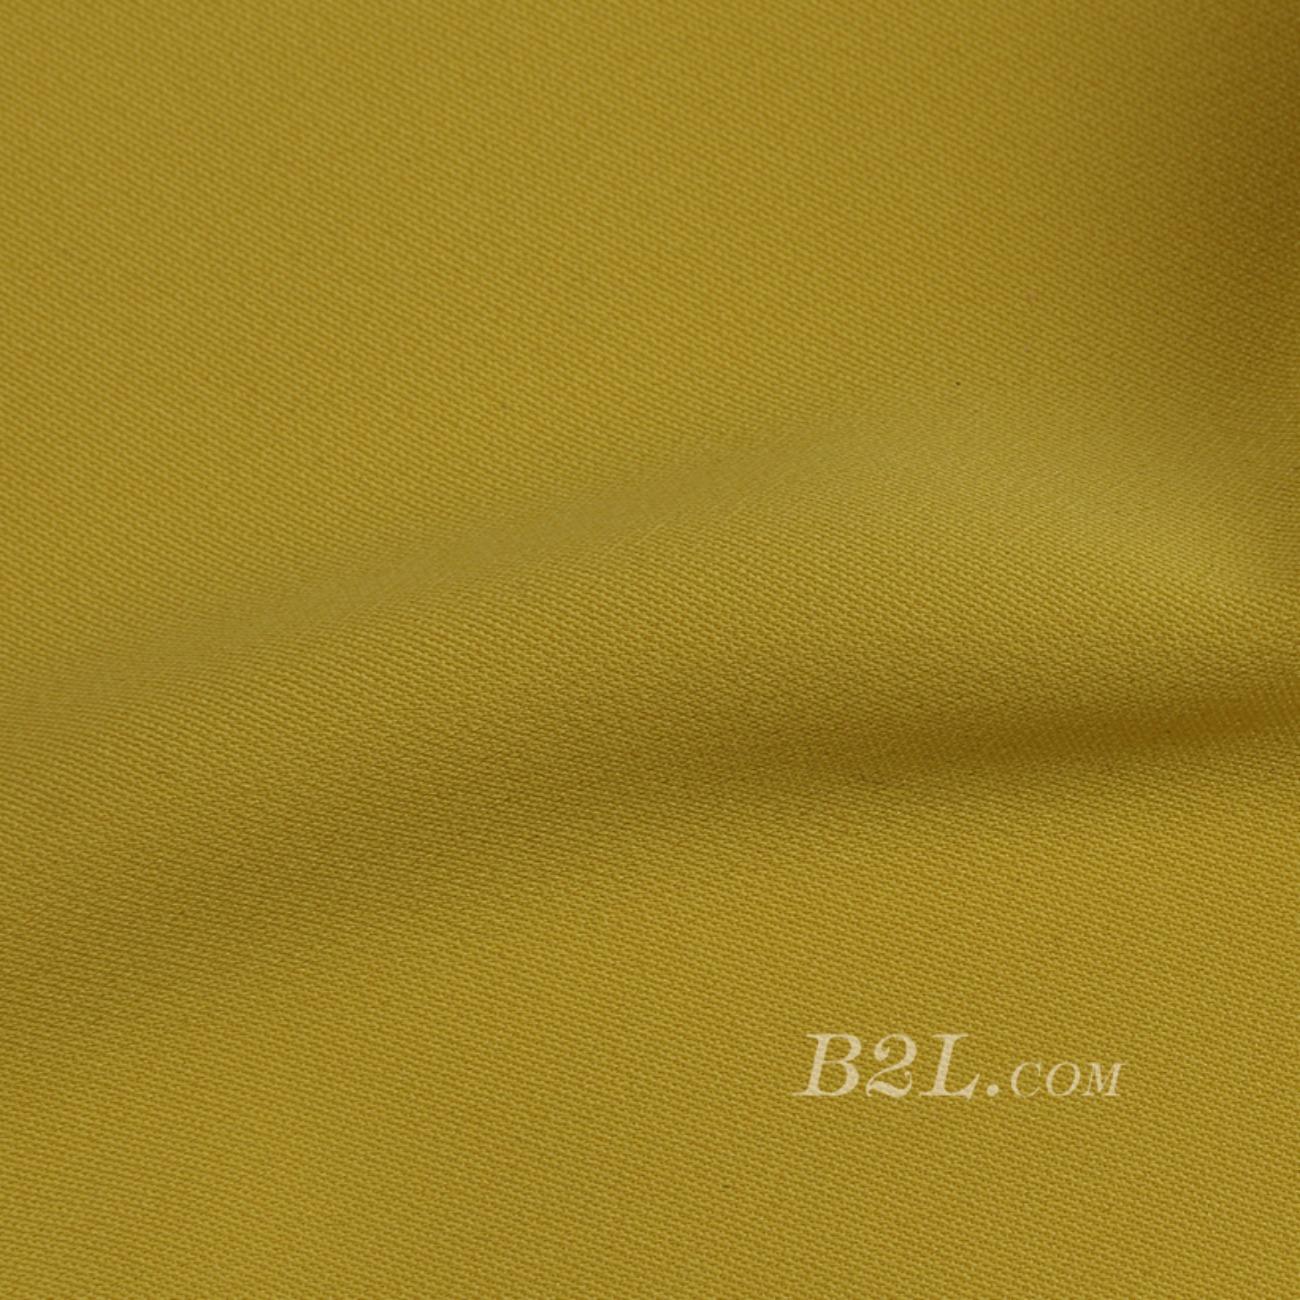 麻料 平纹梭织素色染色连衣裙 短裙 衬衫 无弹 春 秋 柔软 70703-8